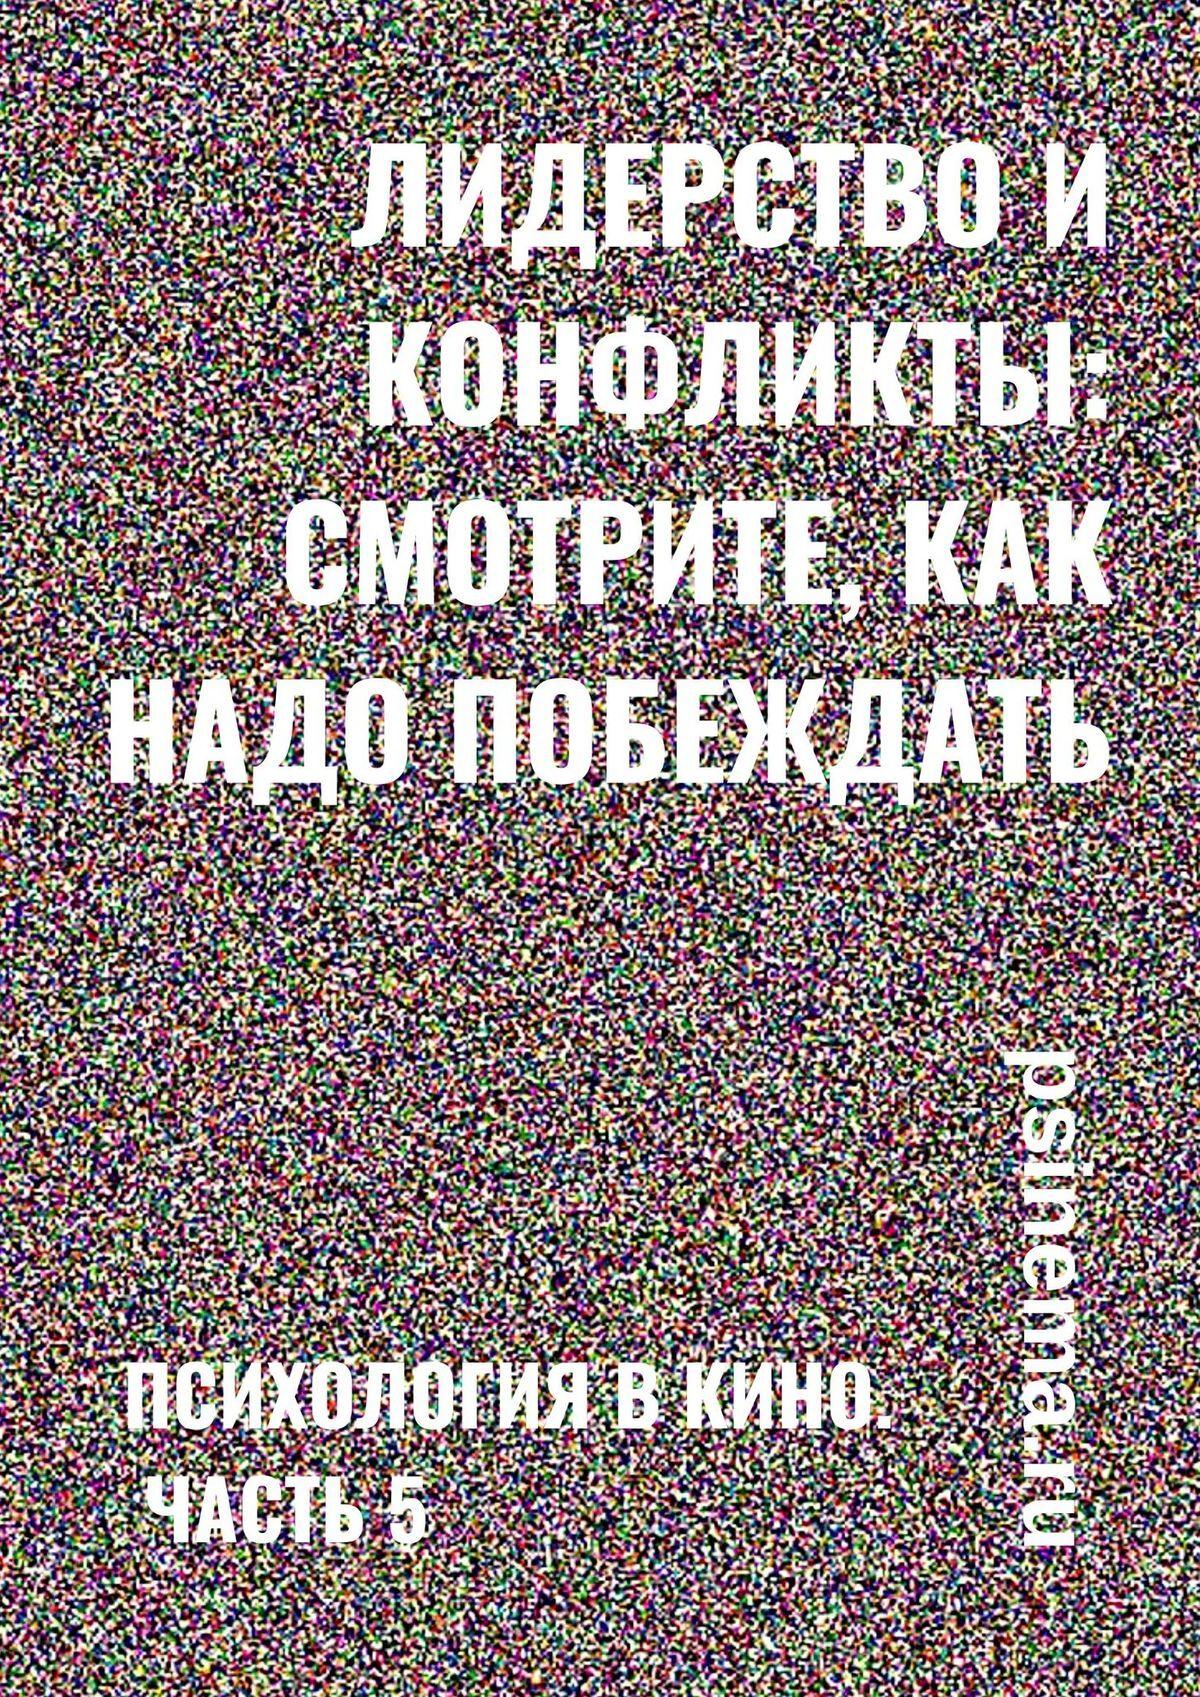 Анатолий Верчинский Лидерство иконфликты: смотрите, как надо побеждать! Психология вкино. Часть 5 анатолий верчинский 1000